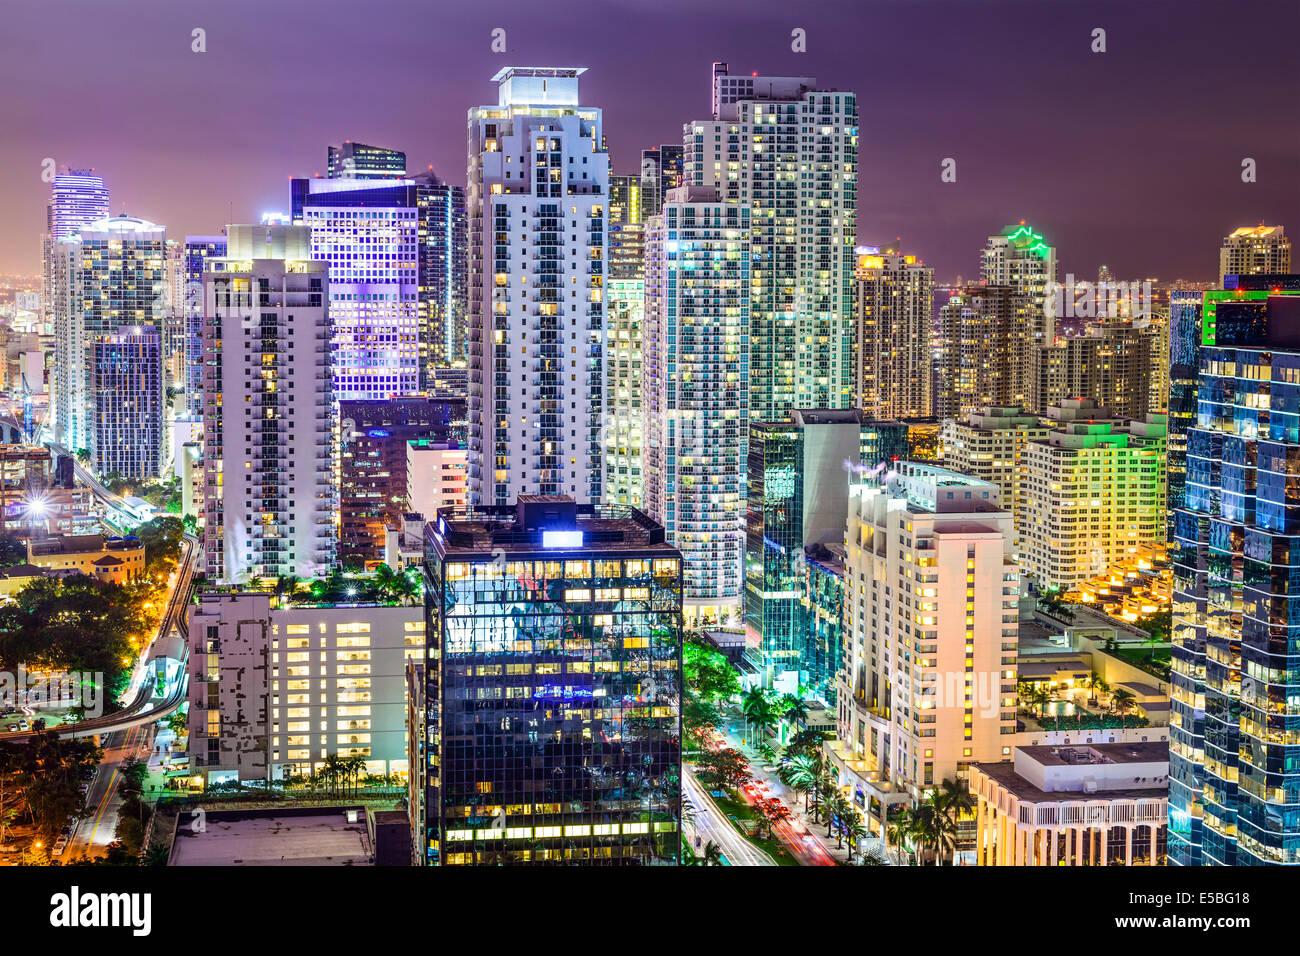 Miami, Florida, Stati Uniti d'America downtown cityscape. Immagini Stock